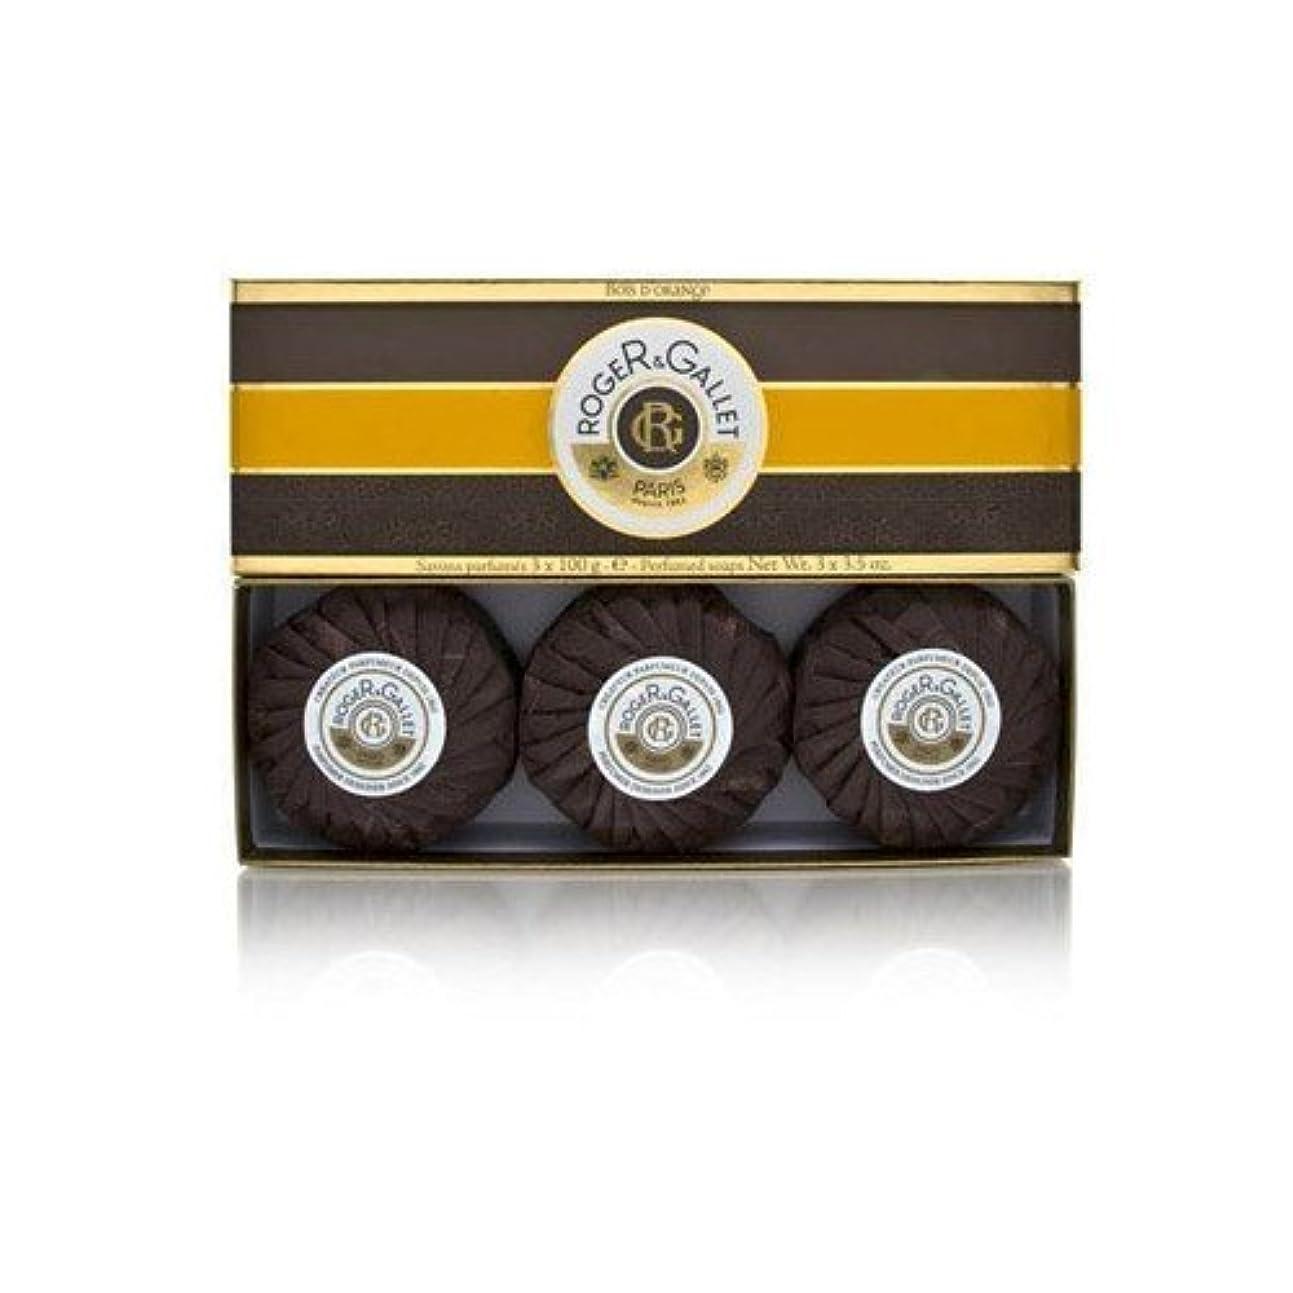 きょうだい意図するセラフロジェガレ ボワ ドランジュ (オレンジツリー) 香水石鹸3個セット ROGER&GALLET BOIS D'ORANGE PERFUMED SOAP [0161]